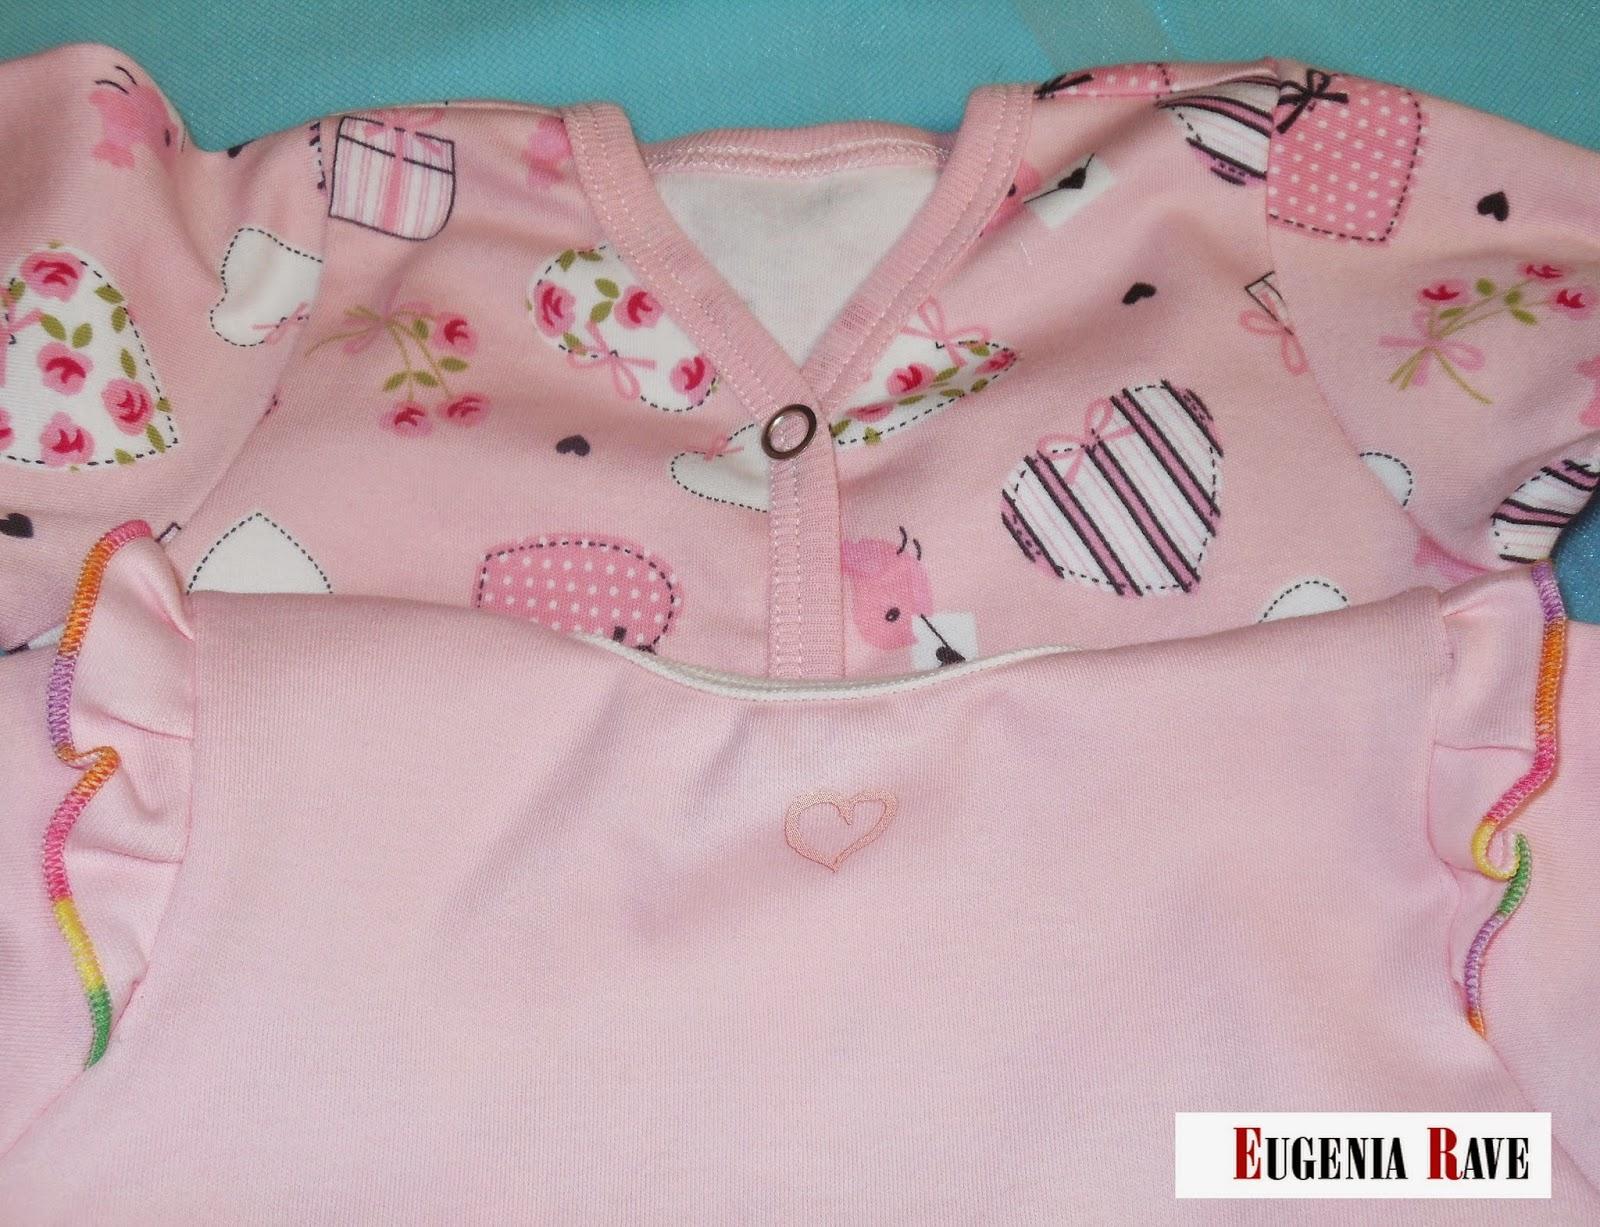 удобная одежда для малышей, комплекты на выписку, эксклюзивные комплекты на выписку